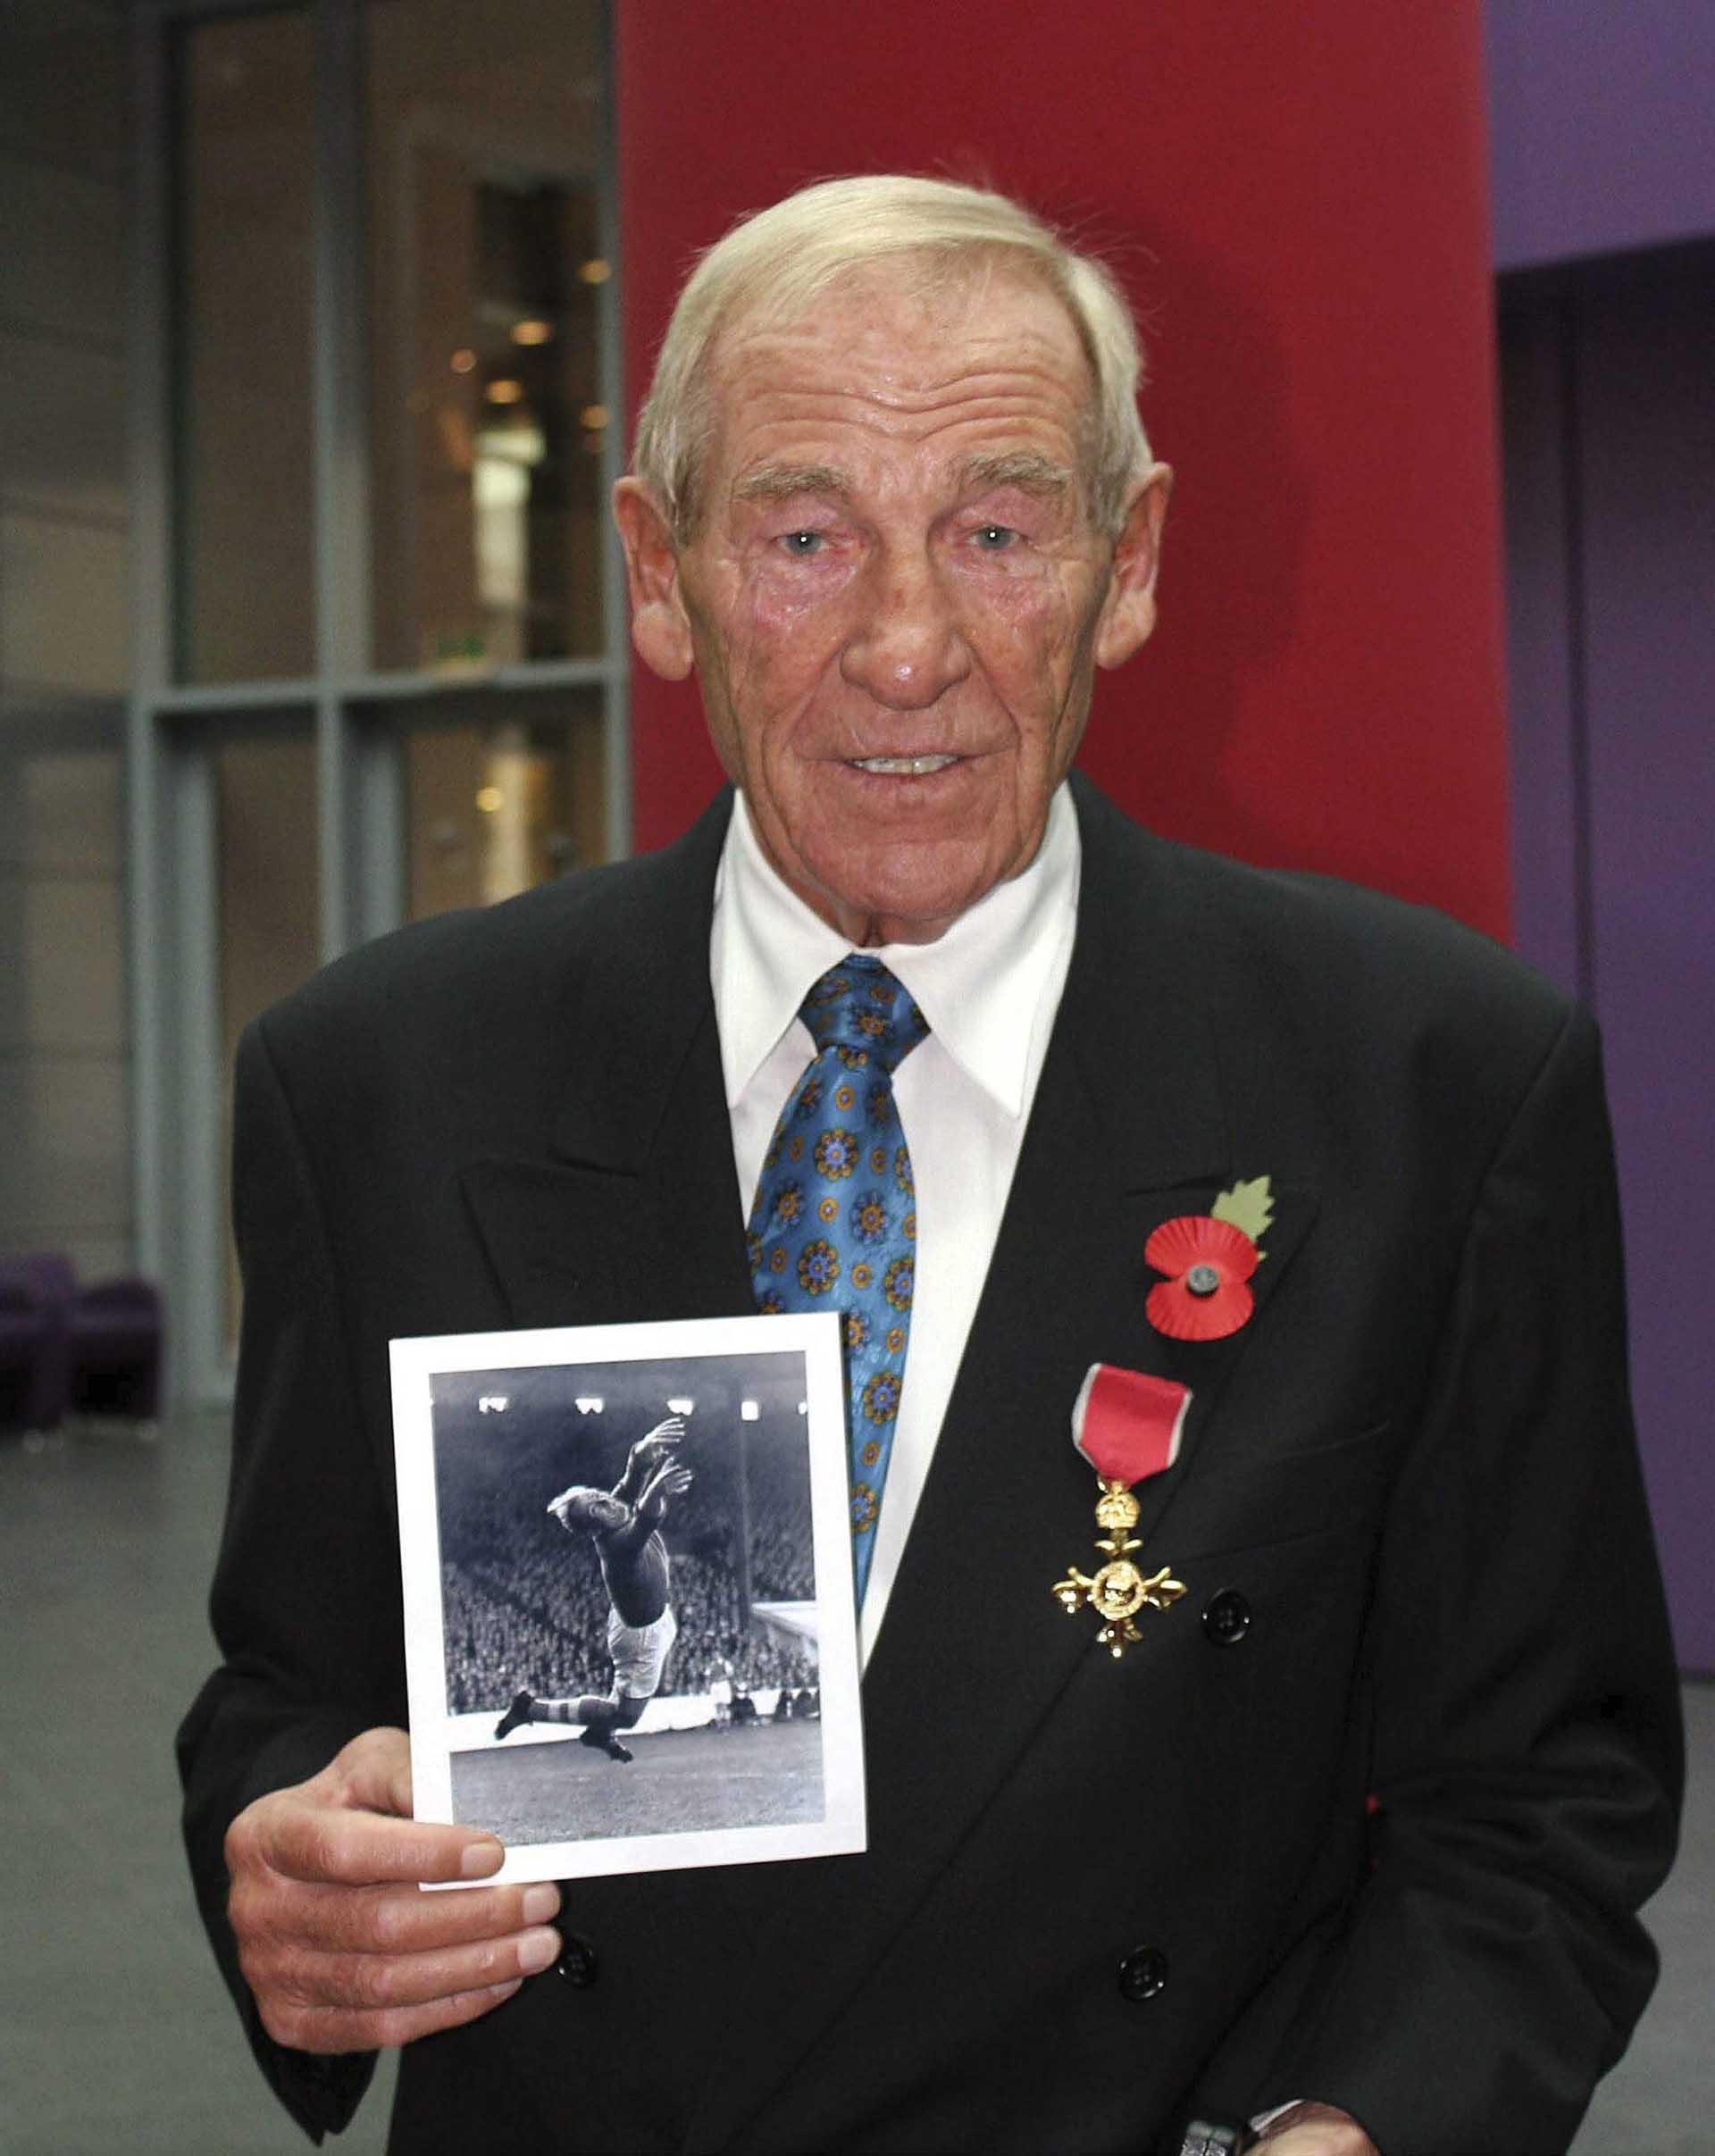 """El1°de noviembre de 2004 Trautmann recibió un reconocimiento por sus servicios a las relaciones británico-alemanas:""""Funcionario honorario de la orden más excelente del imperio británico"""" (Getty Images)"""